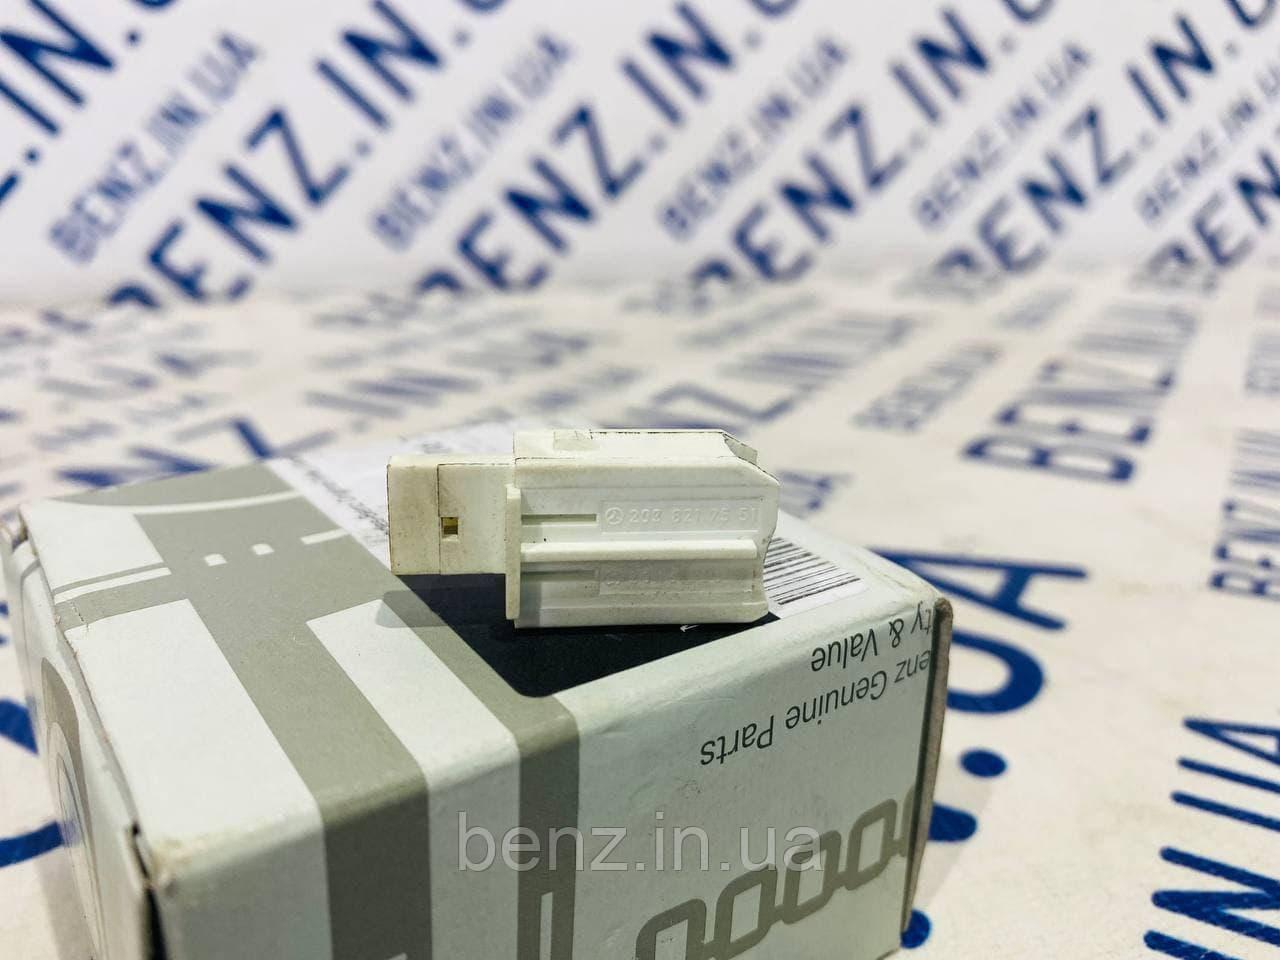 Вимикач дистанційного розблокування багажника Mercedes W221 A2038217551